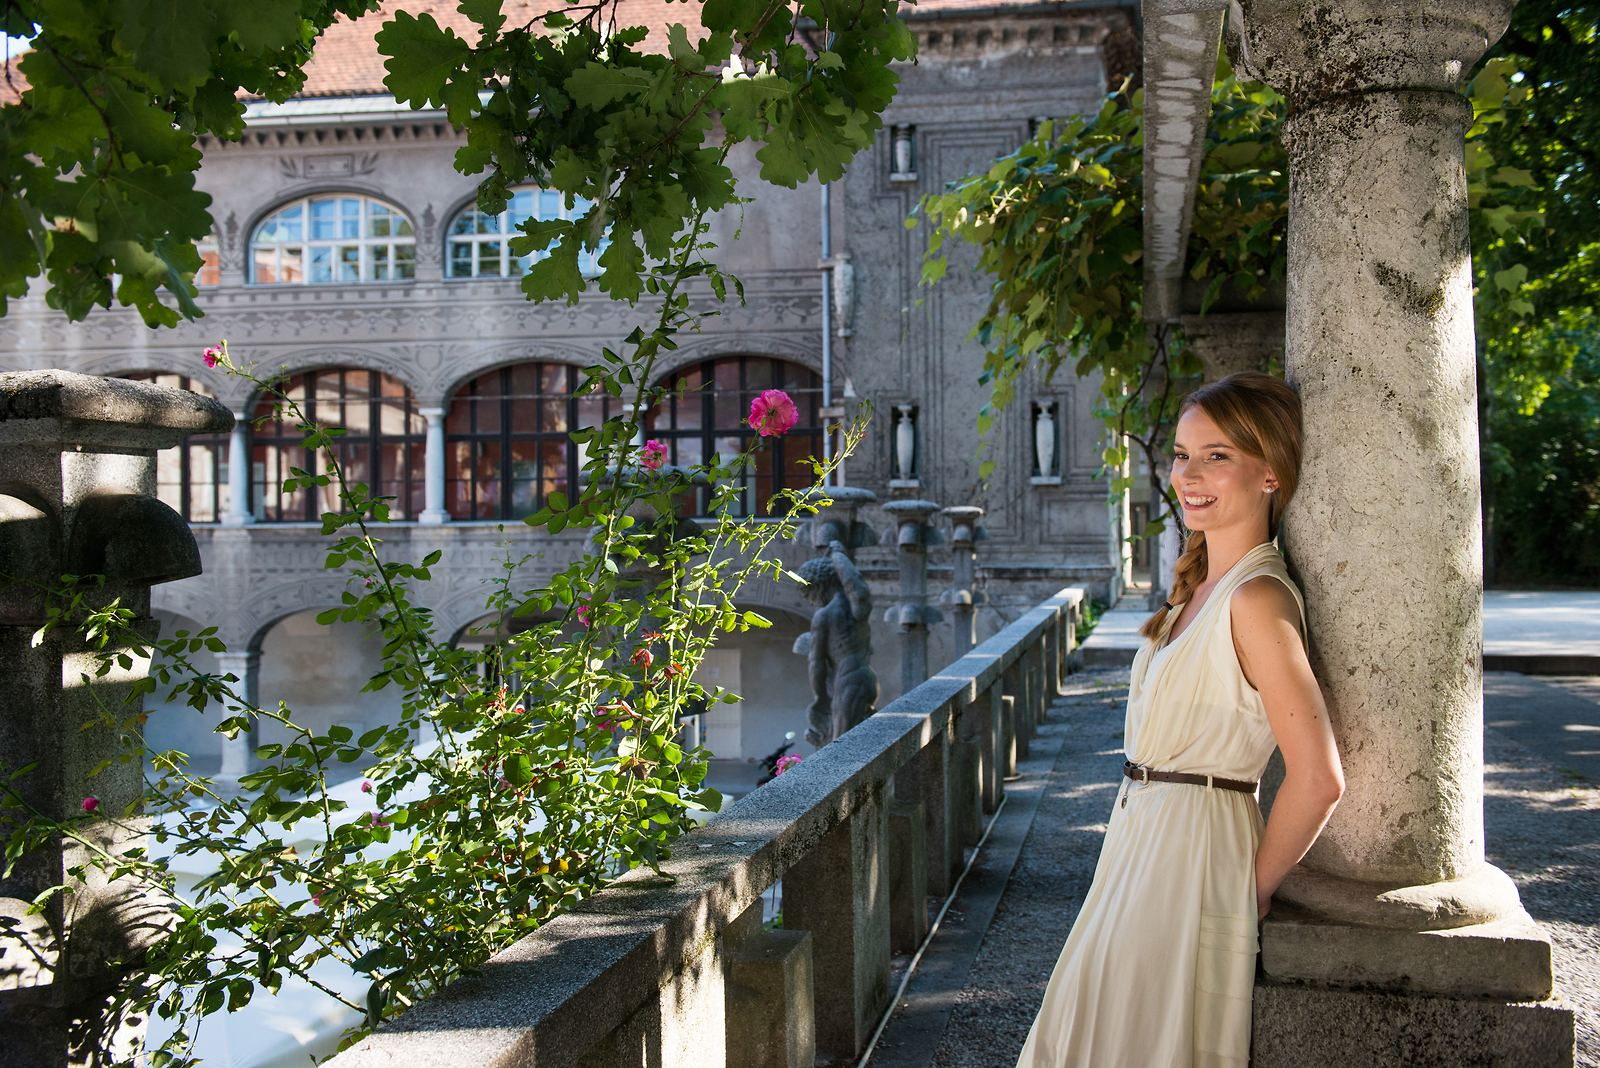 Kulturní areál Křižanke, Lublaň, Slovinsko. Foto: Mankica Kranjec